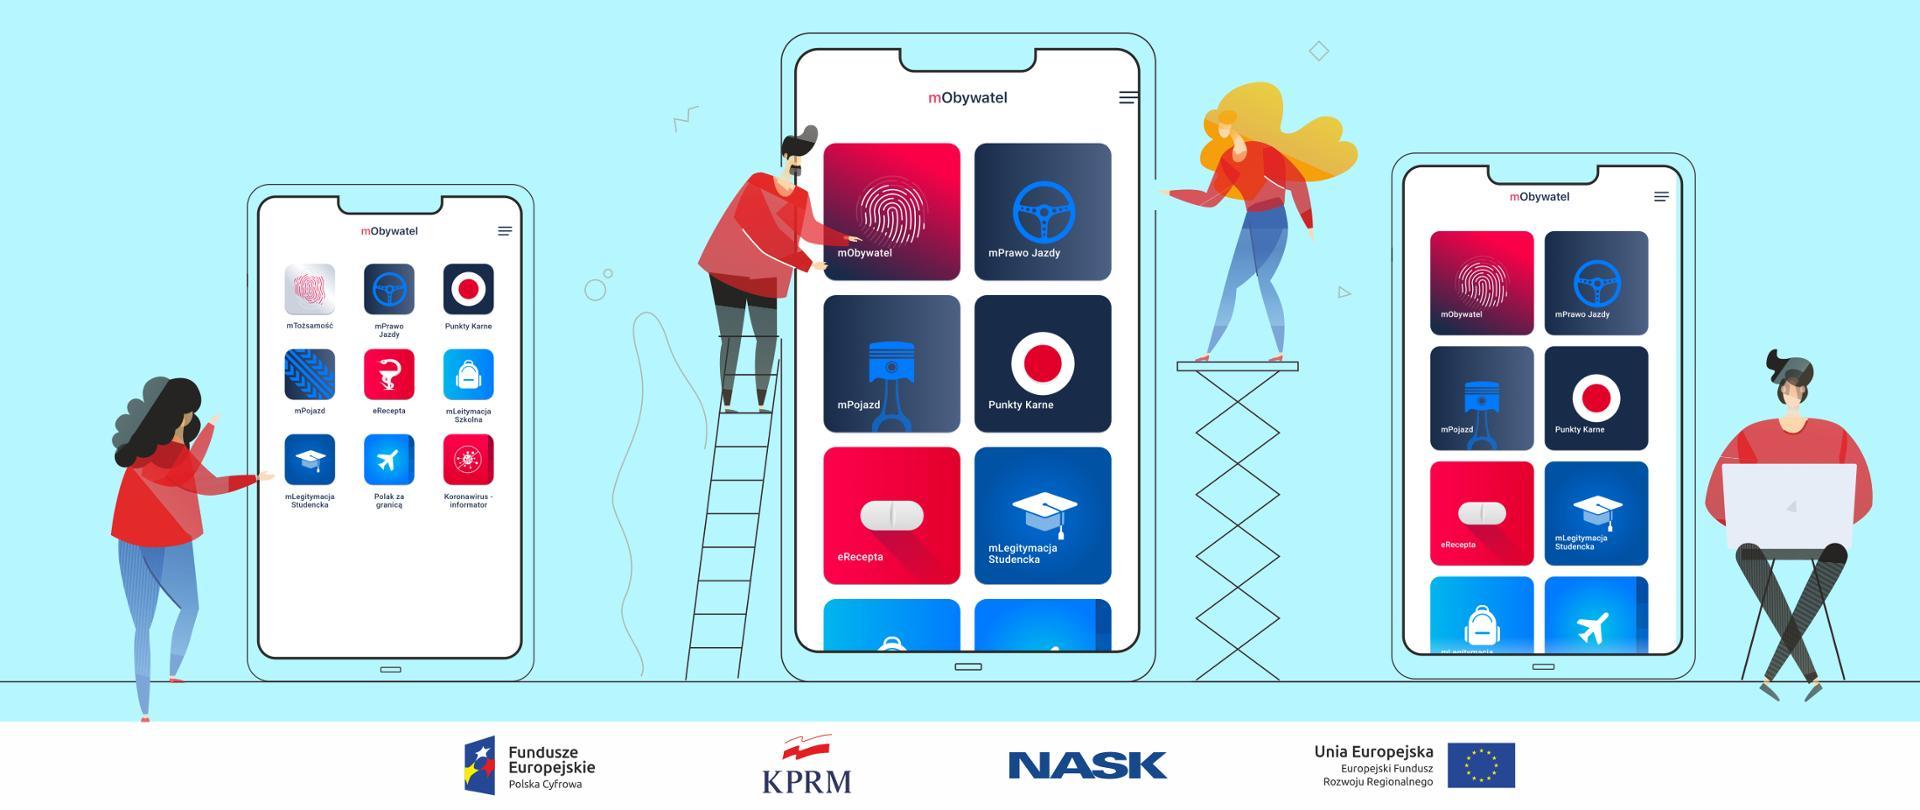 Grafika wektorowa - trzy telefony komórkowe na błękitnym tle. Na ich ekranach aplikacja mObywatel. Przy każdym ekranie jedna lub dwie postaci - pokazują ekrany, siedzą obok nich korzystając z laptopa.